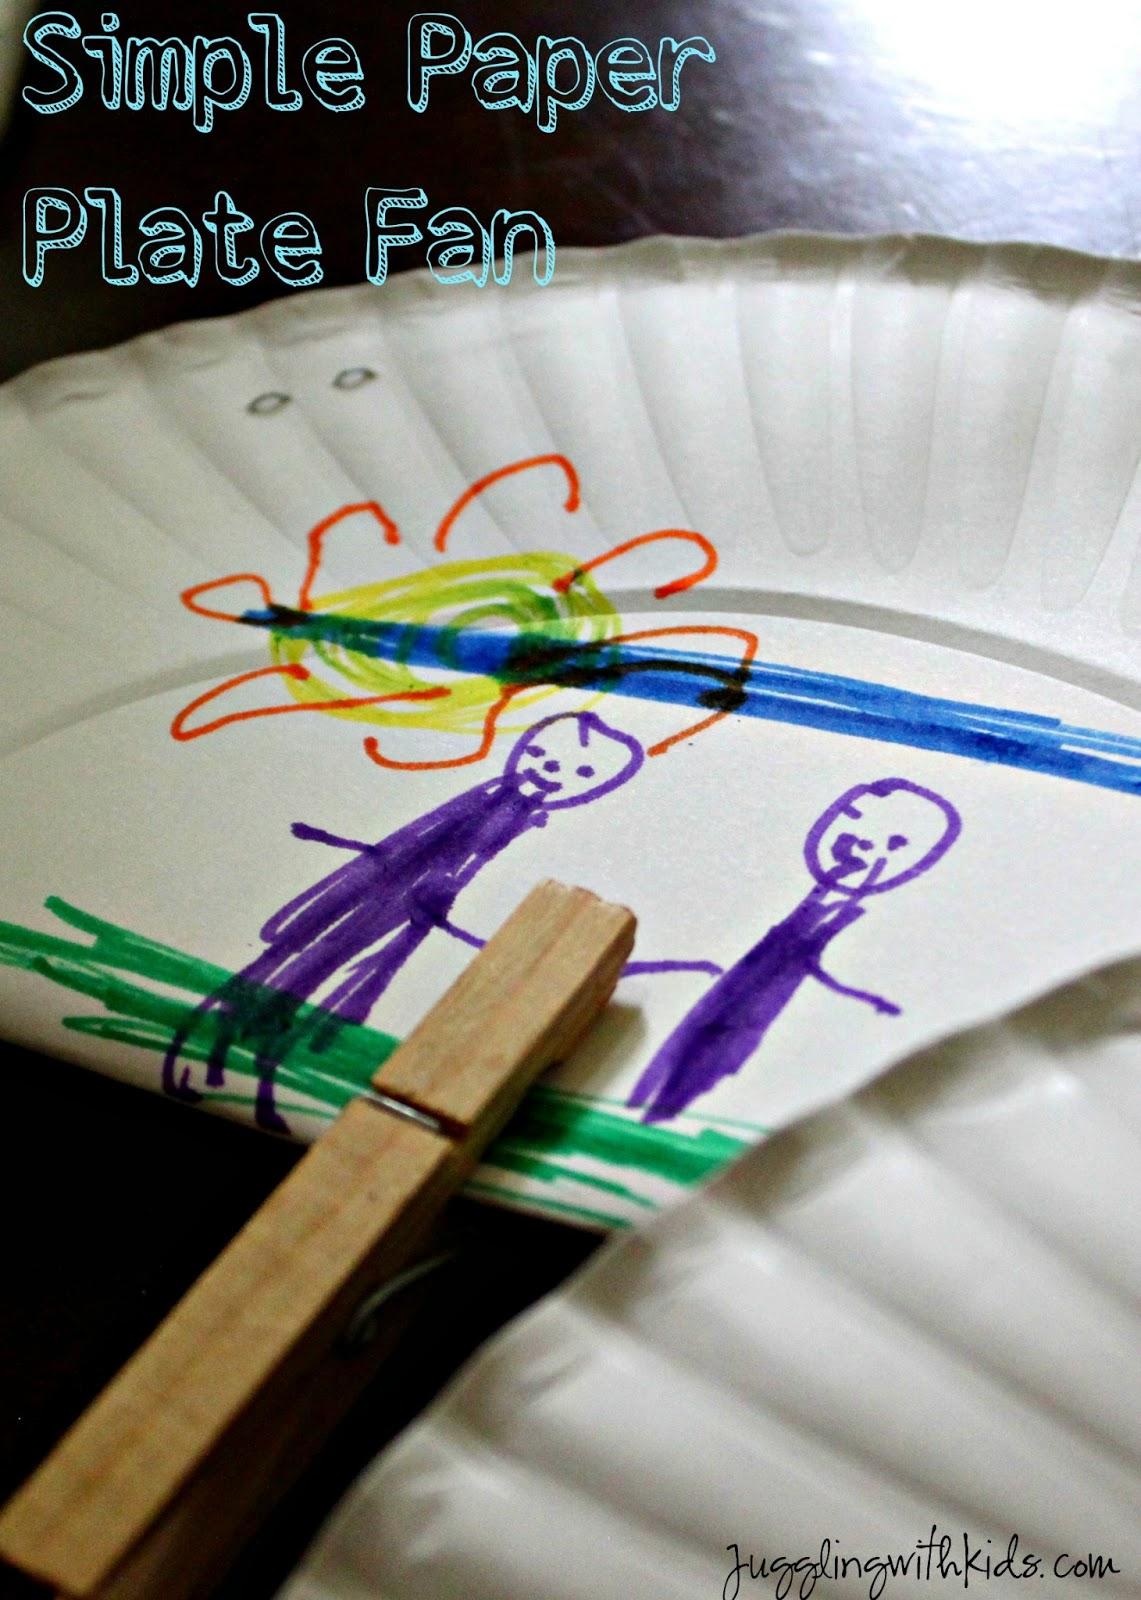 Simple Paper Plate Fan Juggling With Kids